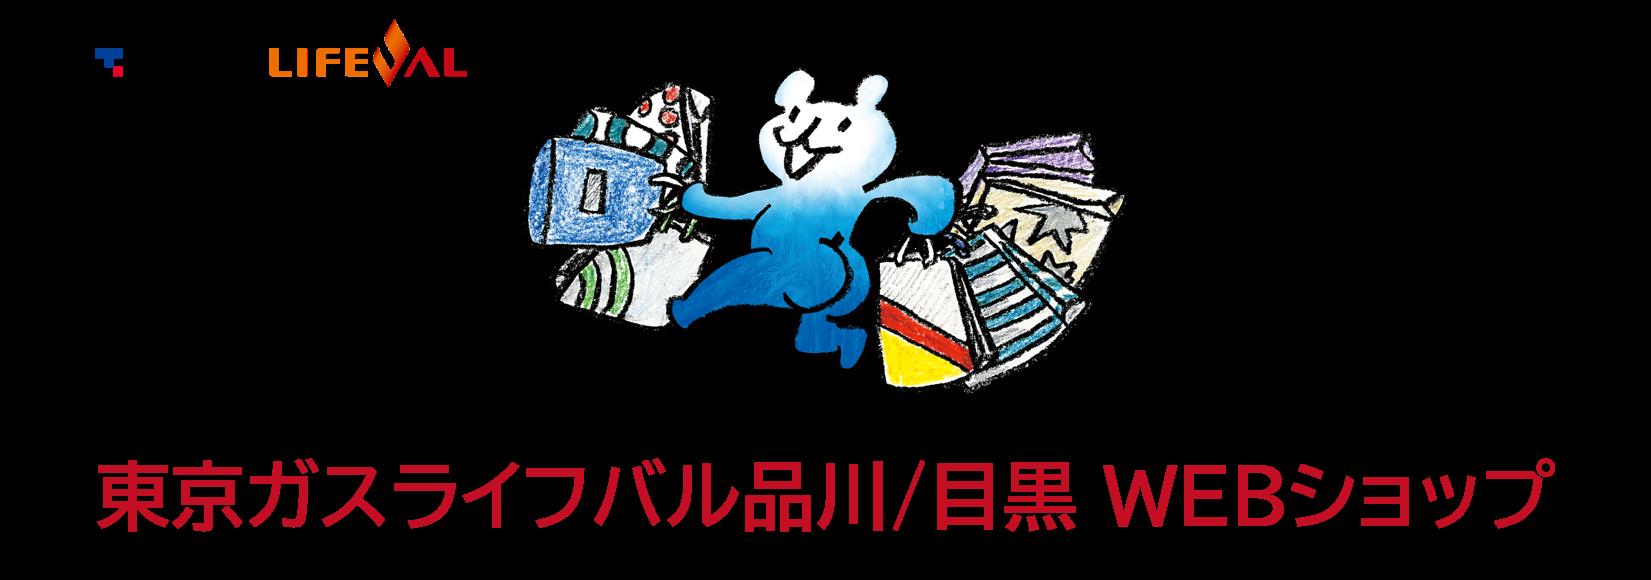 東京ガスライフバル品川/目黒 WEBショップ